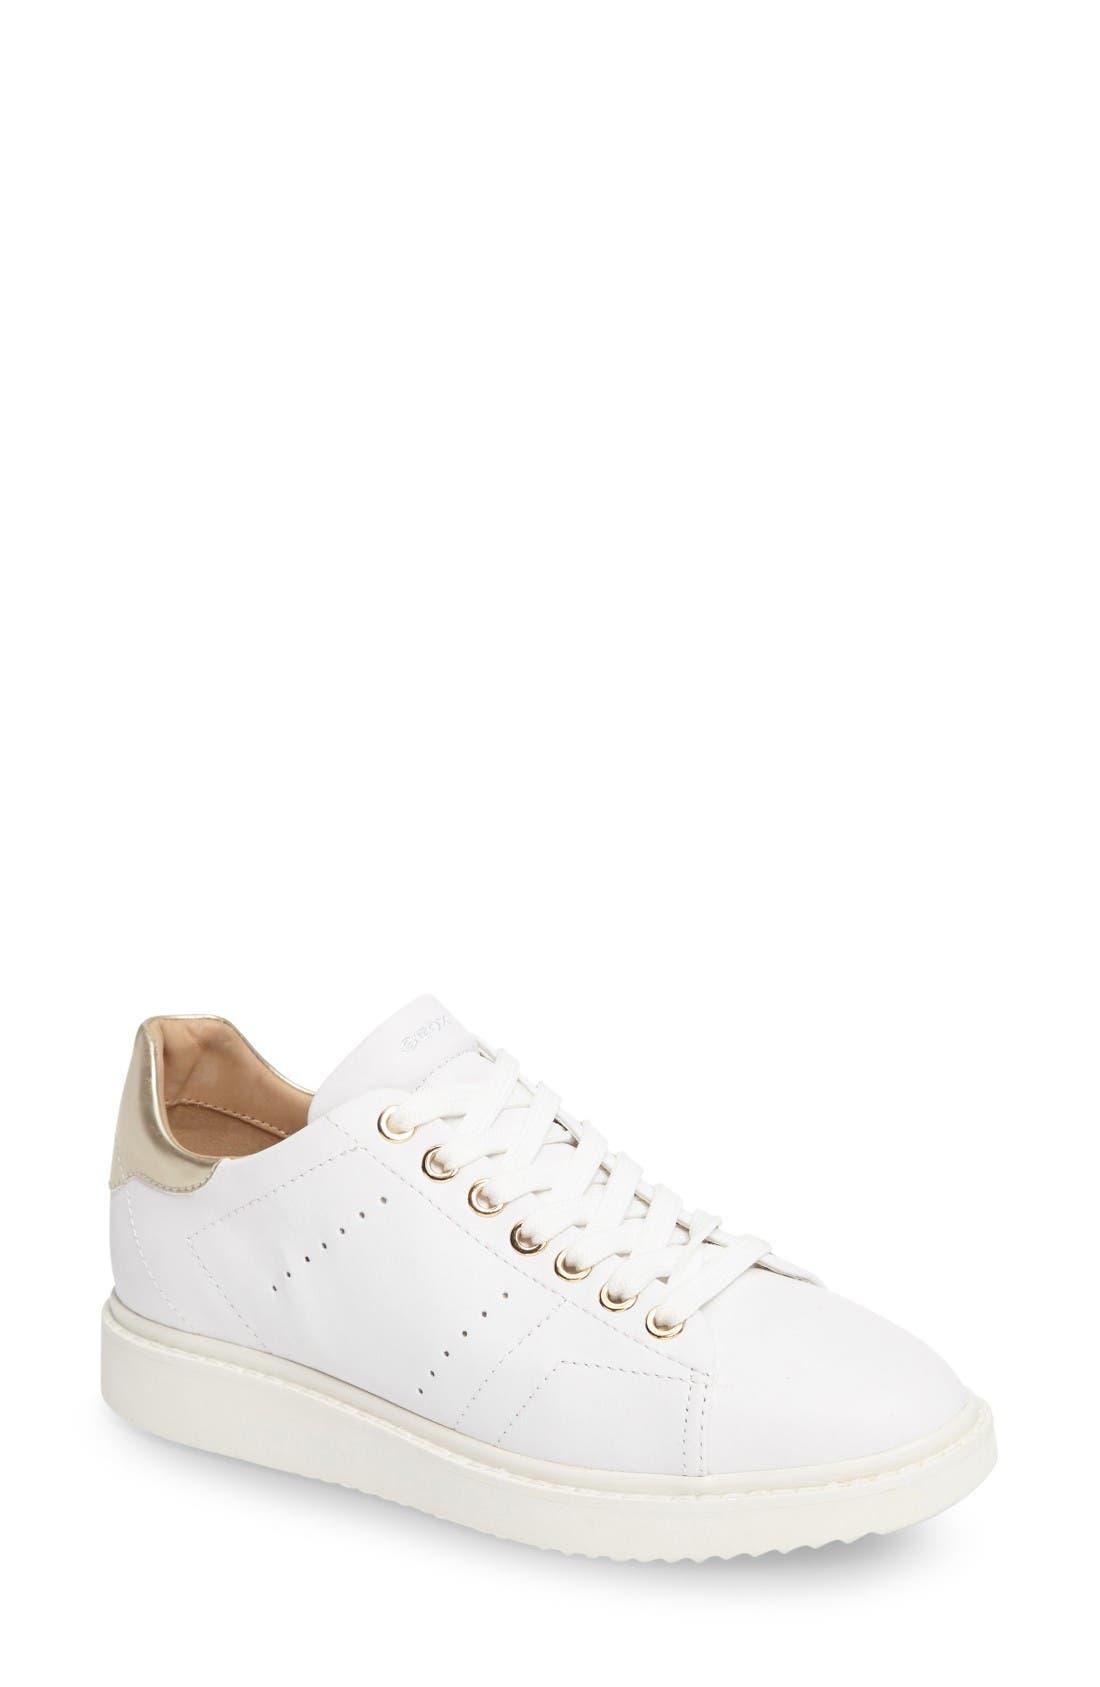 Main Image - Geox Thymar Sneaker (Women)